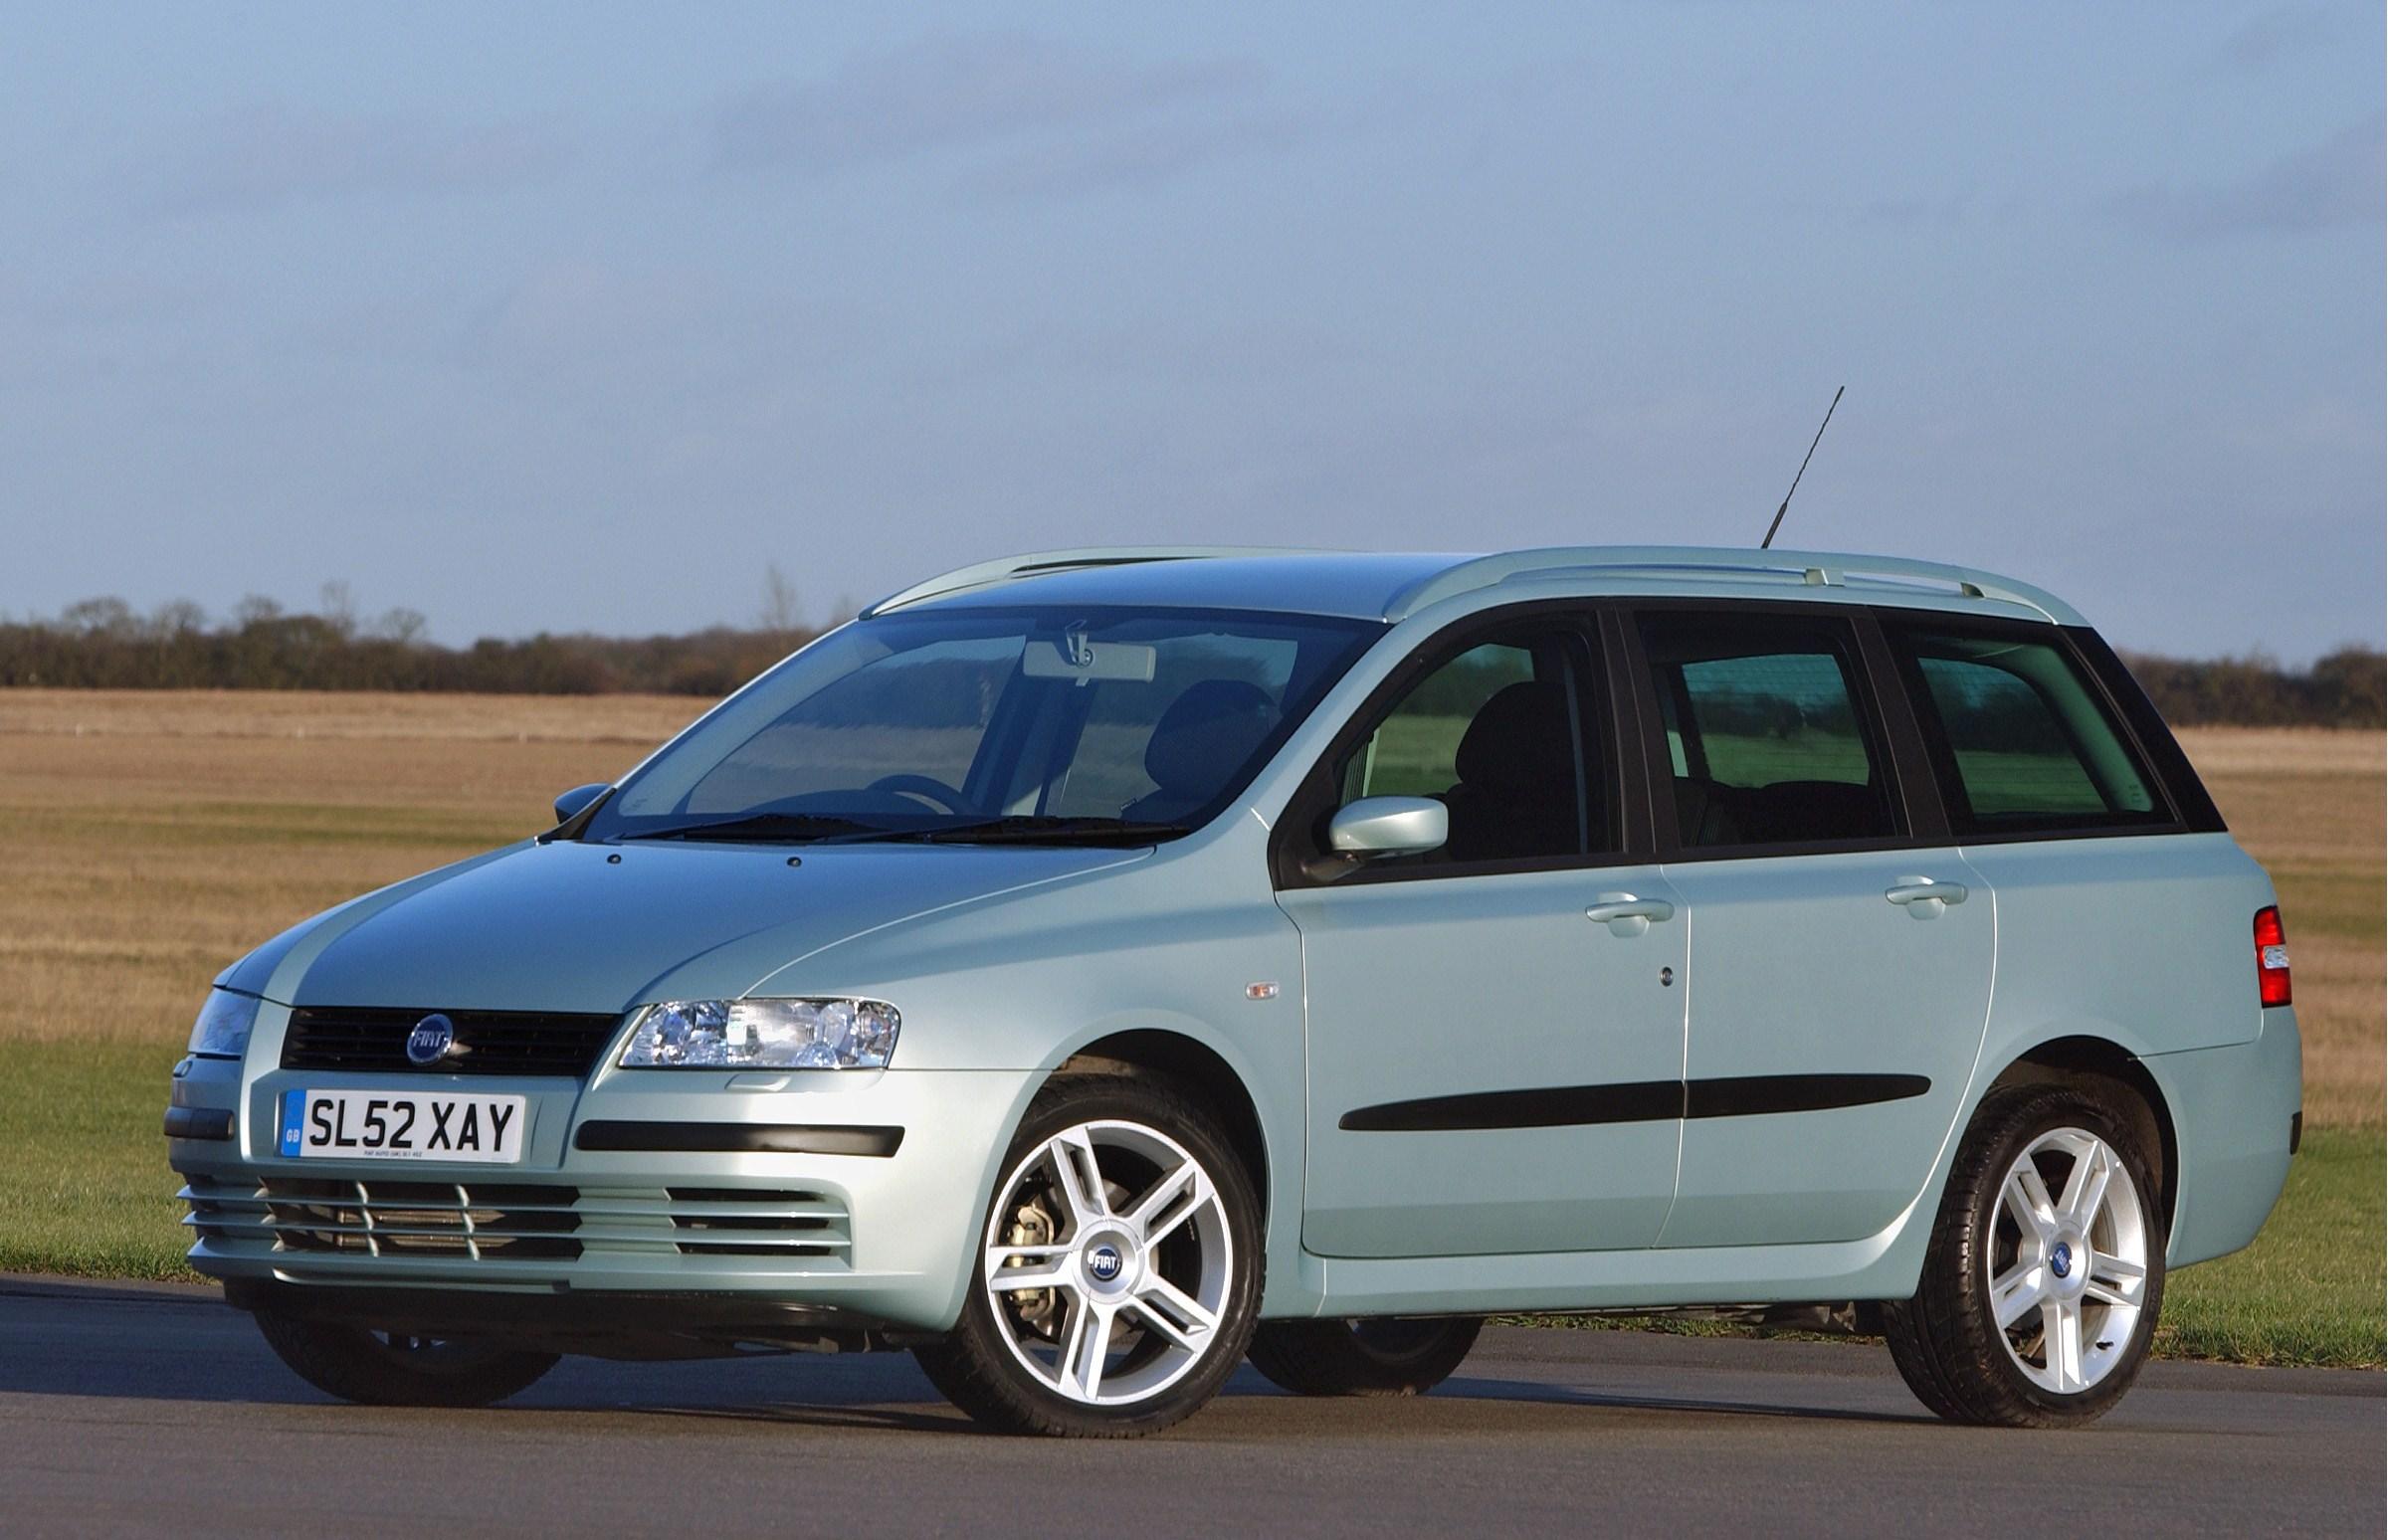 2002 Fiat Stilo Multi Wagon Picture 39825